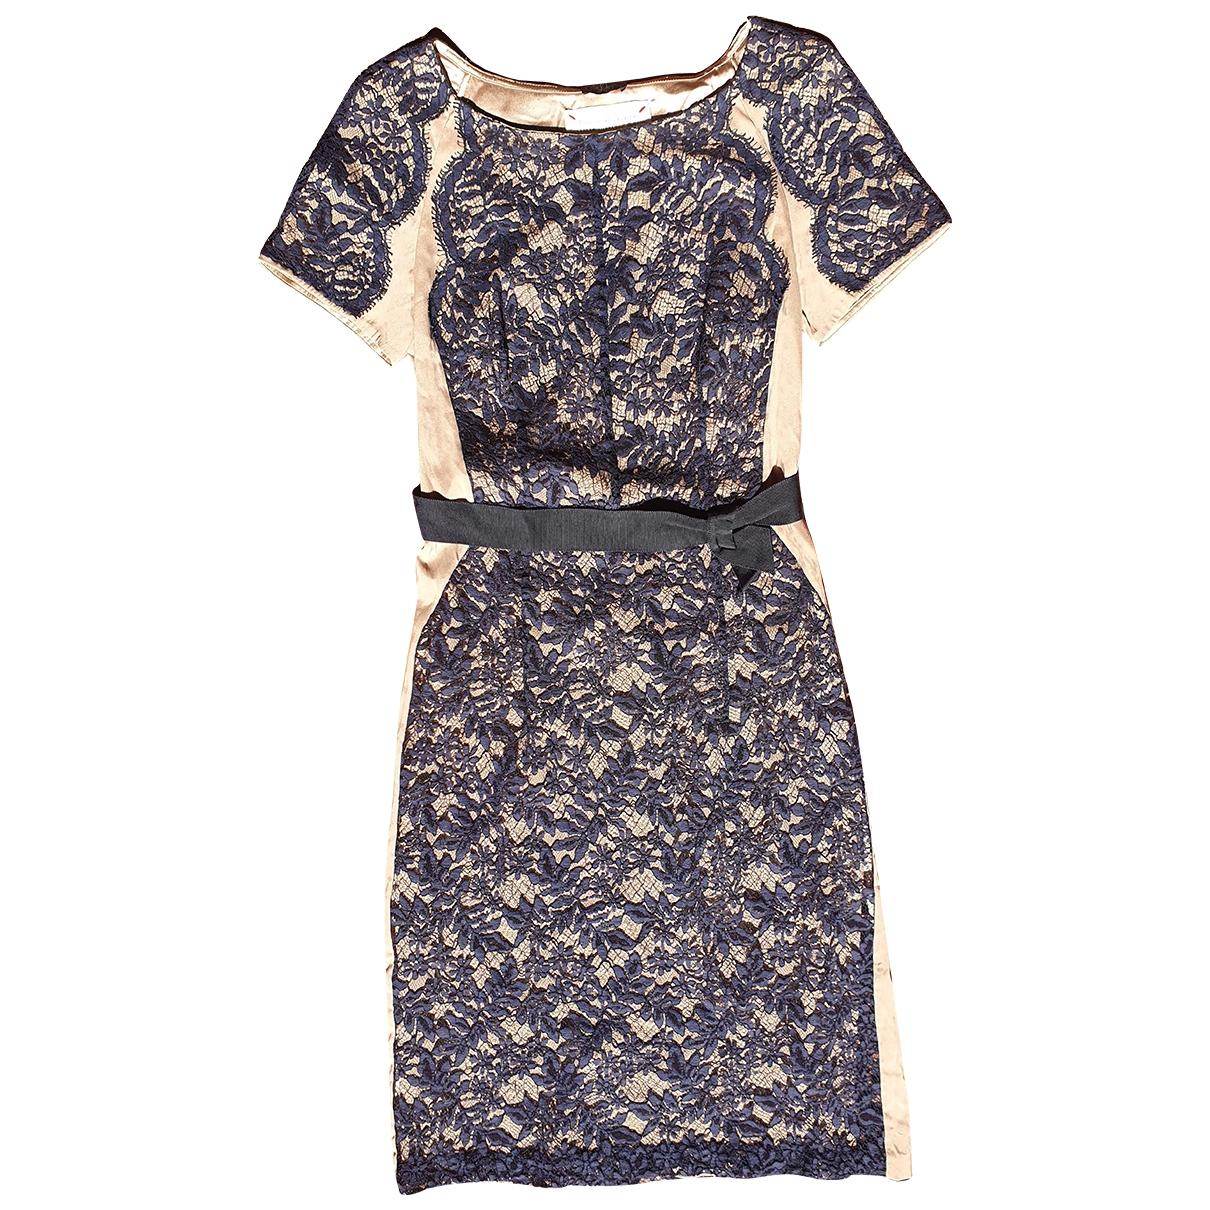 Collette Dinnigan \N Kleid in  Blau Seide